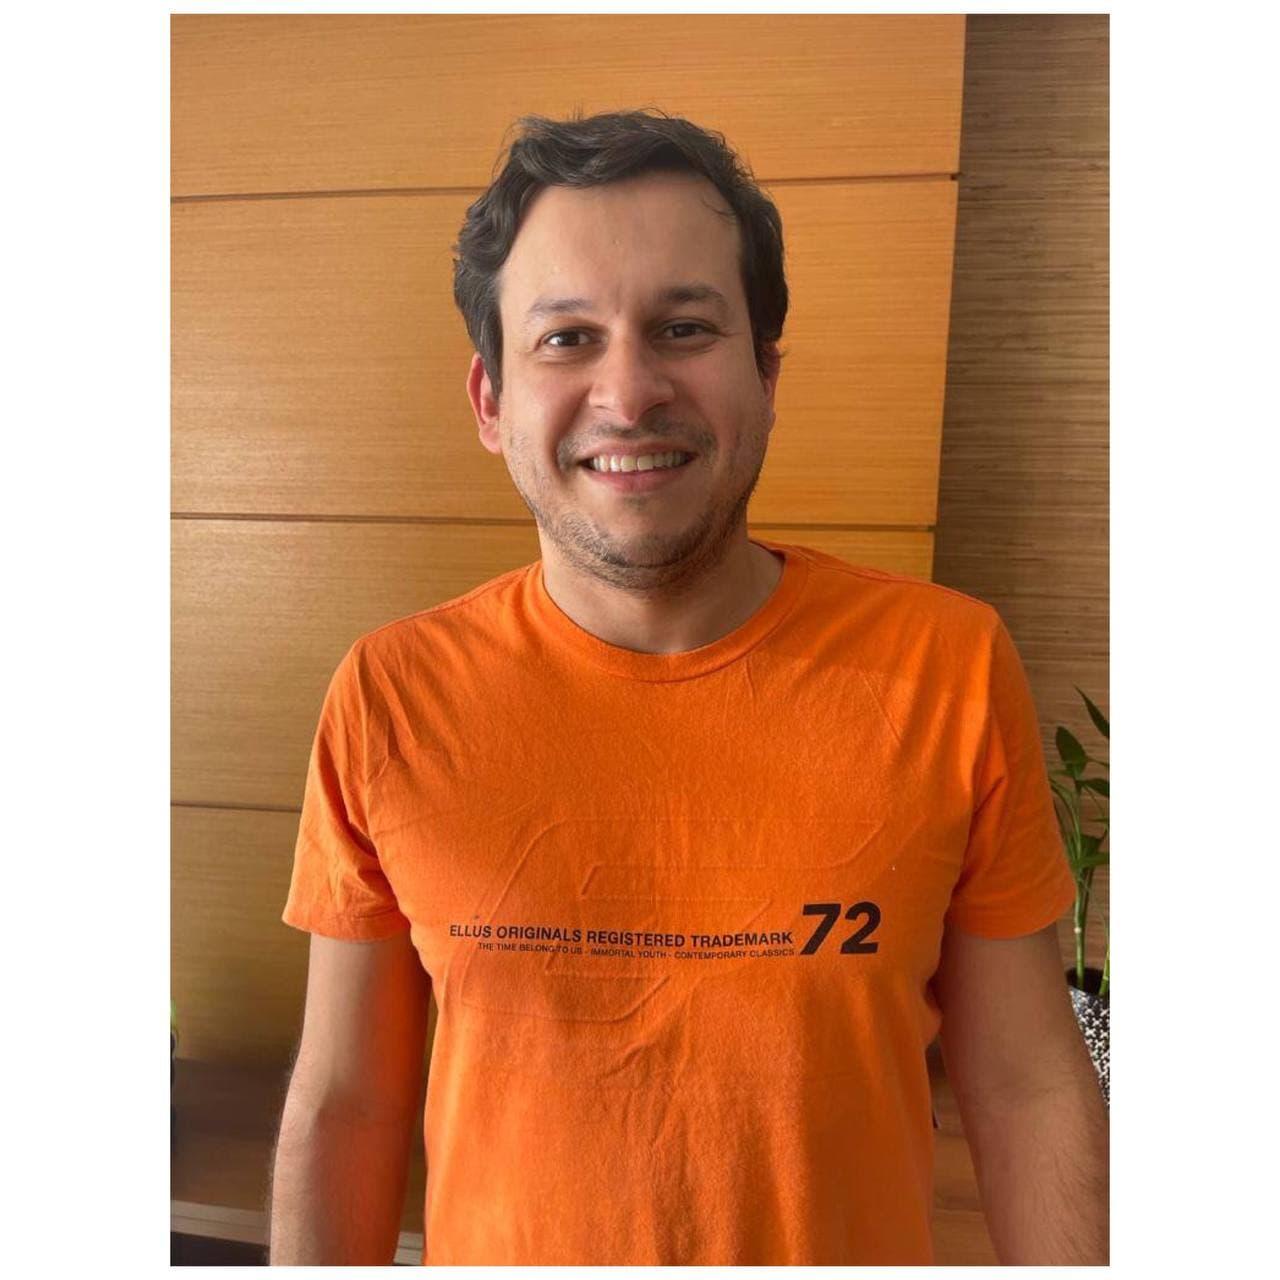 Carlos Eduardo Polegato